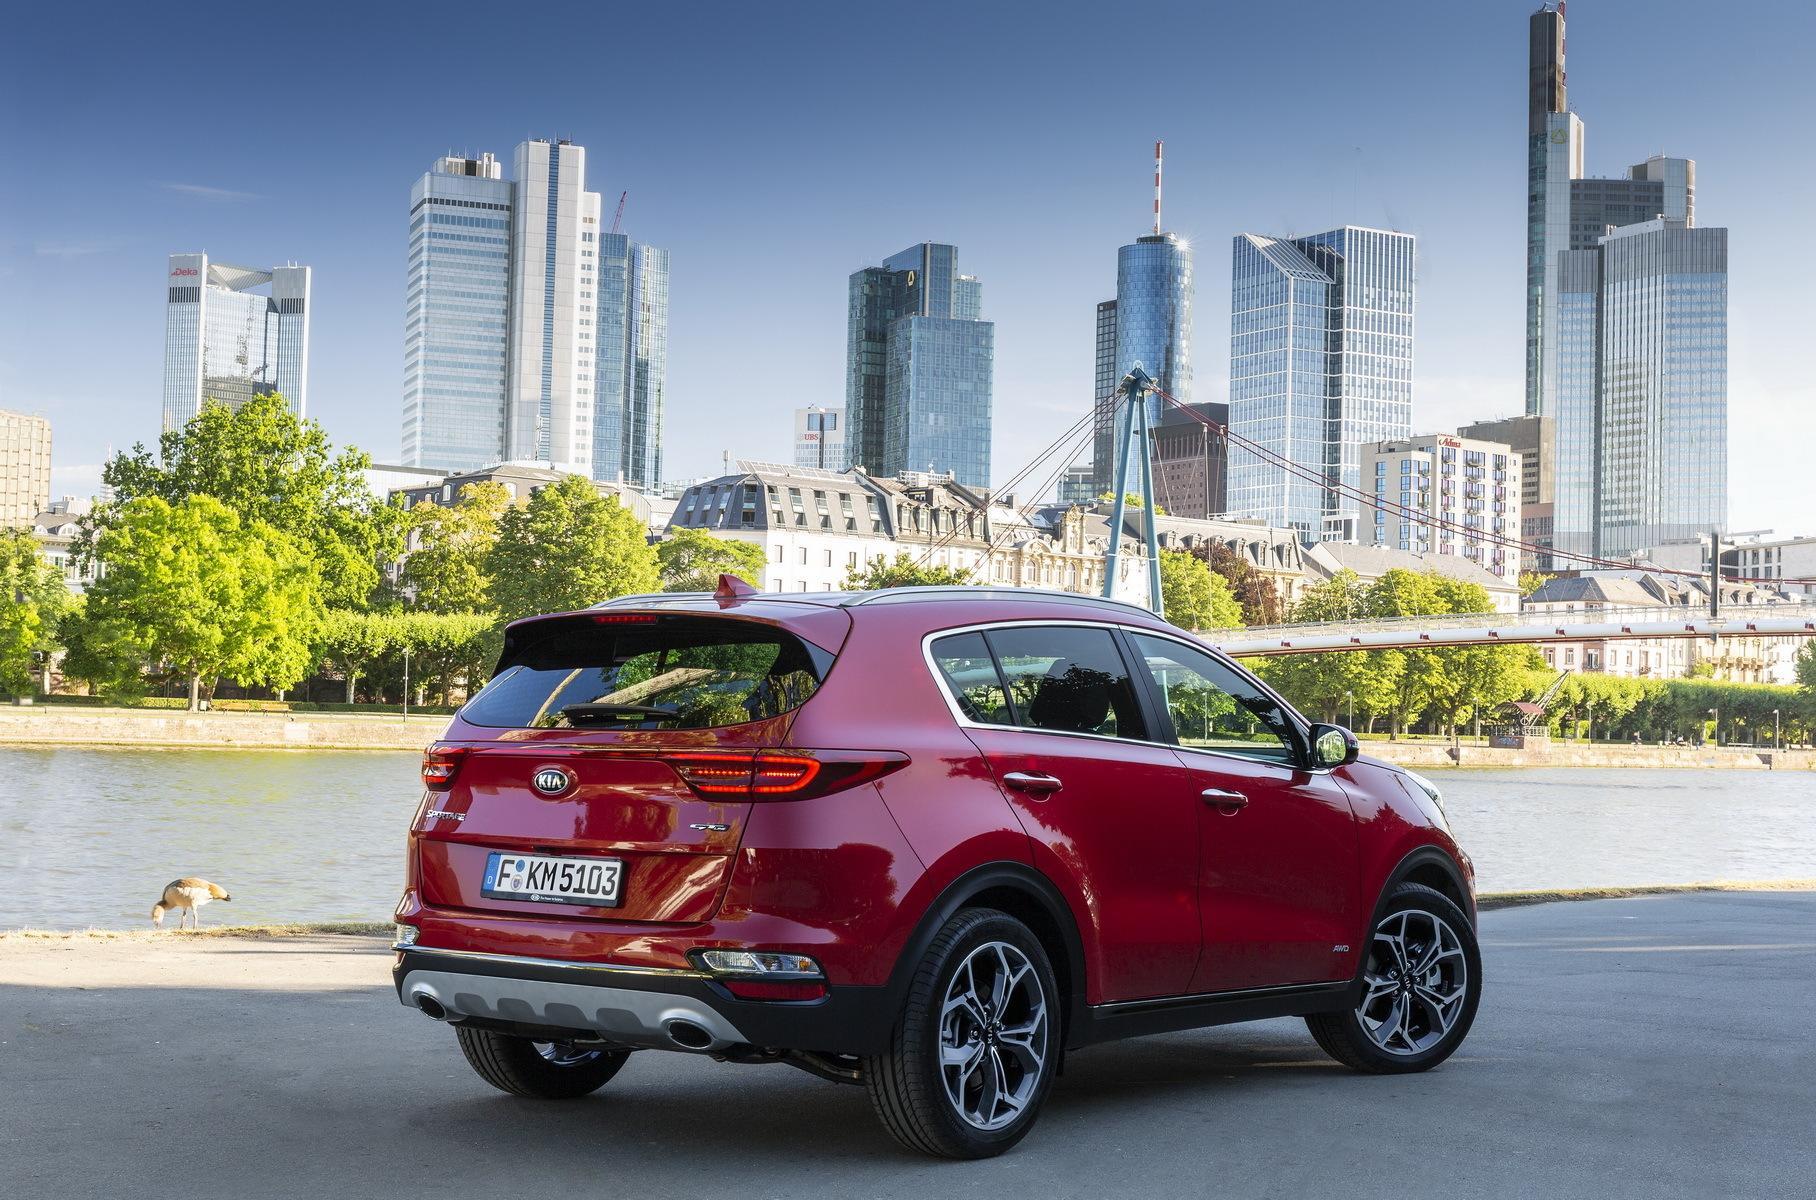 Новый Kia Sportage хочет всех поразит своим дизайном, а потому его дебют отложен на год